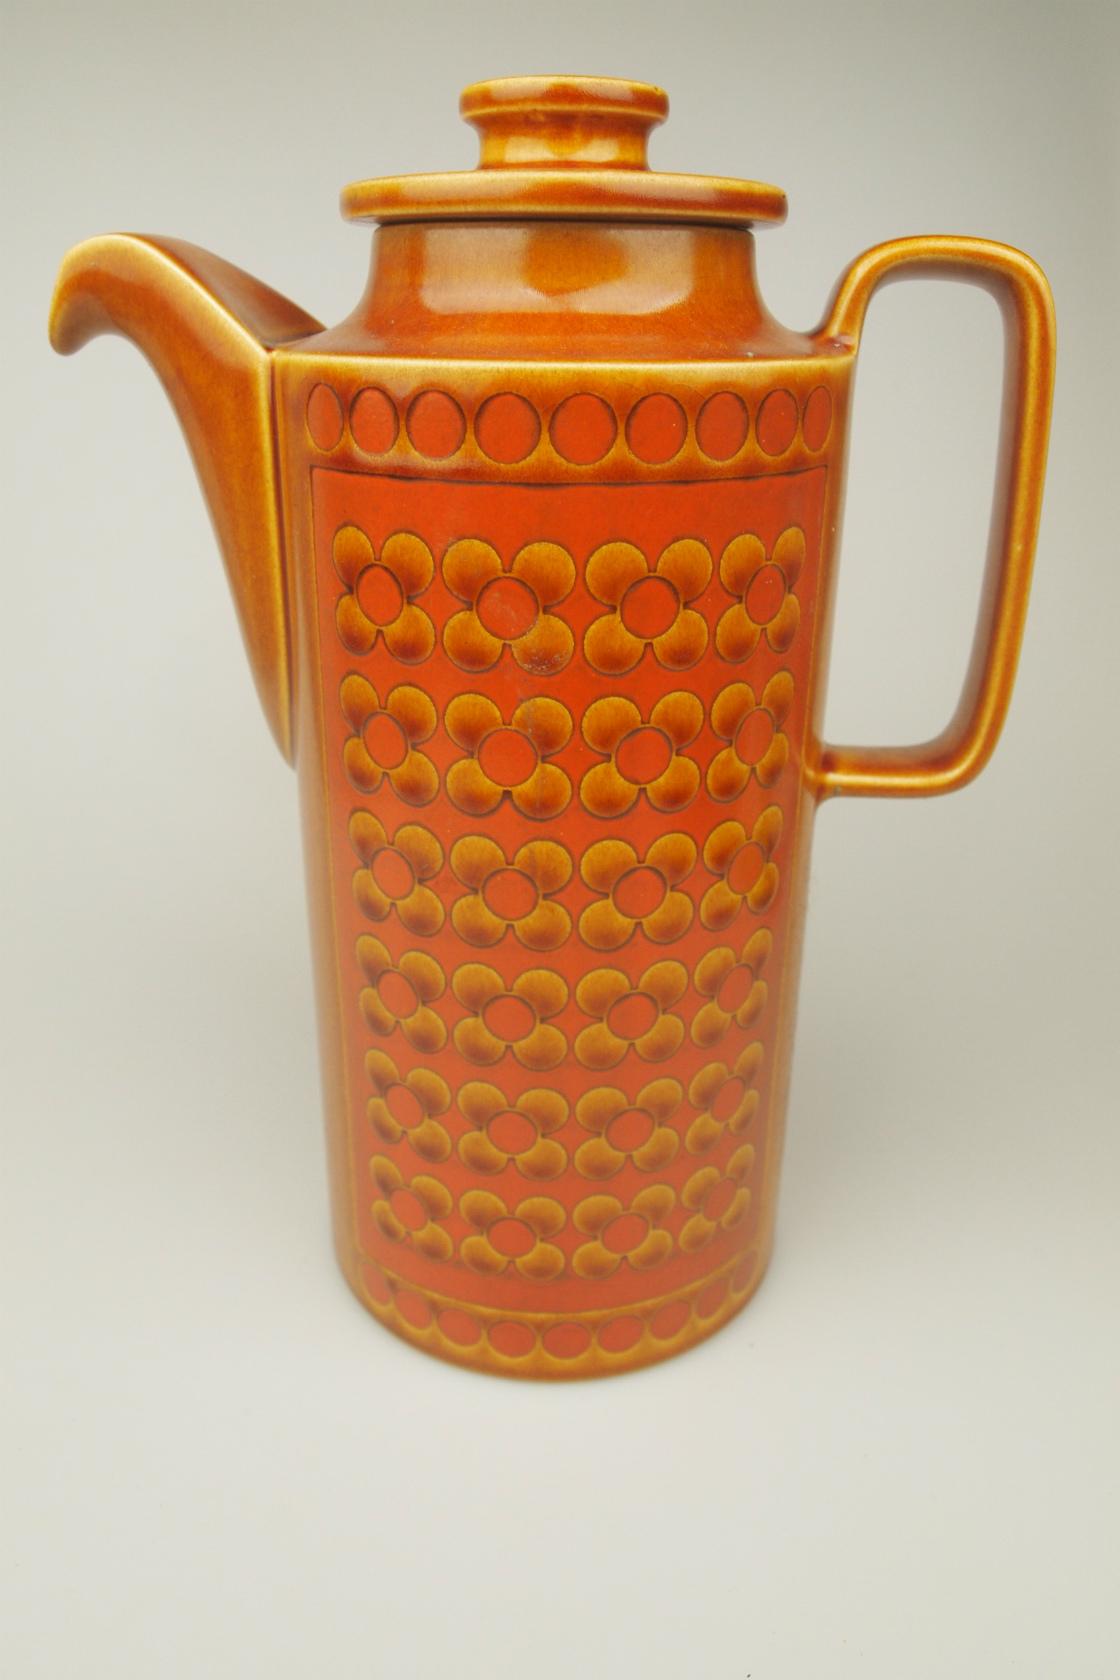 vi-hornsea-saffron-coffeepot